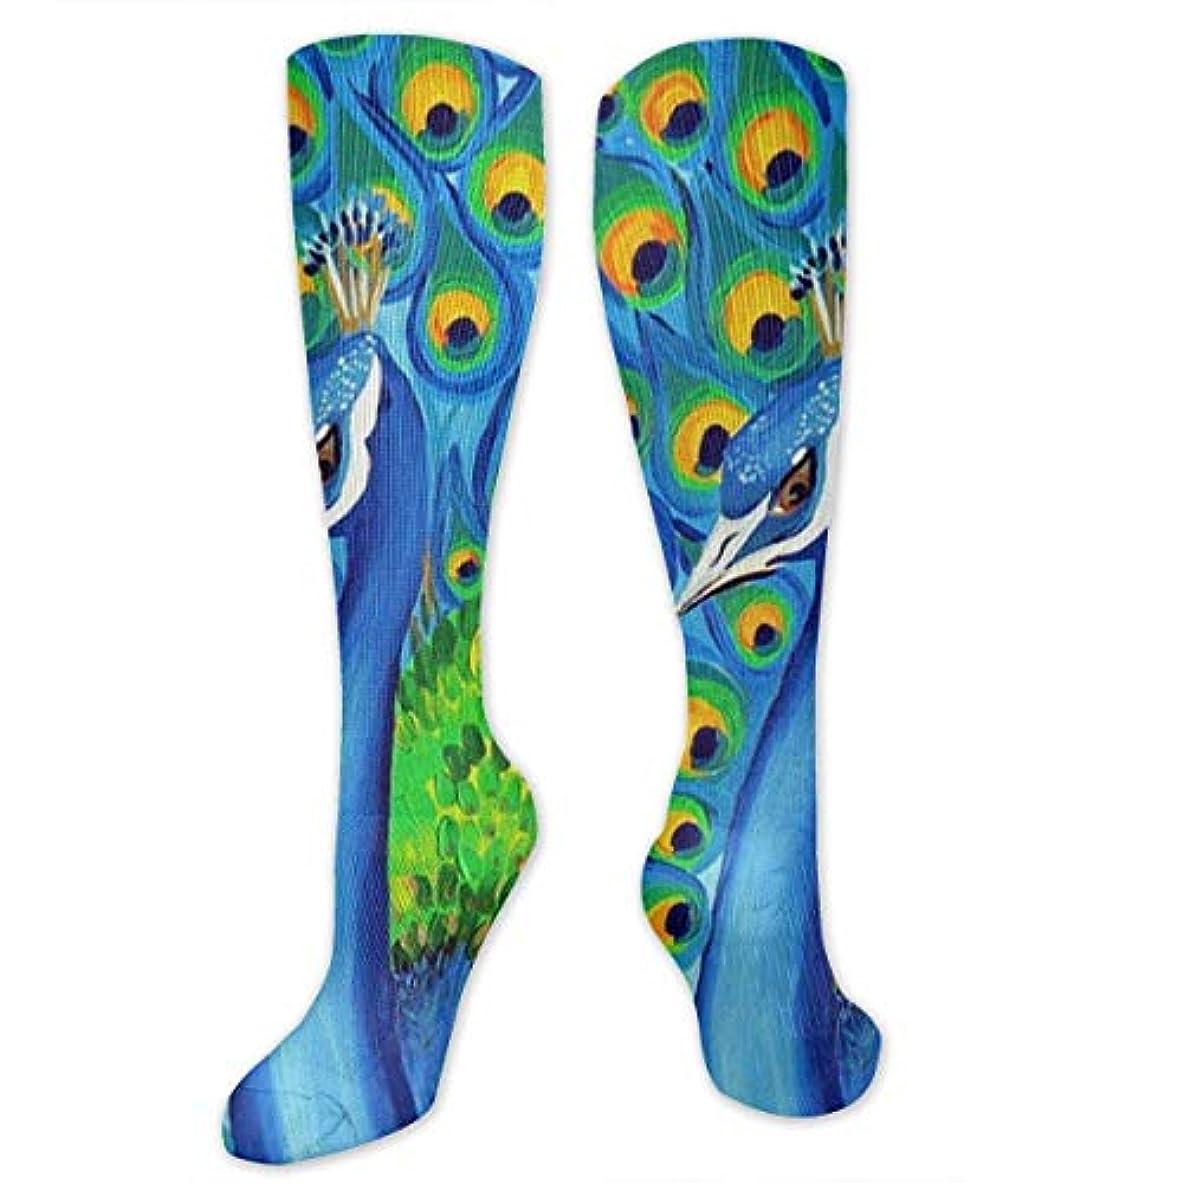 車利得実際のqrriyカラフルな野生の孔雀- 3 D抗菌アスレチックソックス圧縮靴下クルーソックスロングスポーツ膝ハイソックス少年少女キッズ幼児